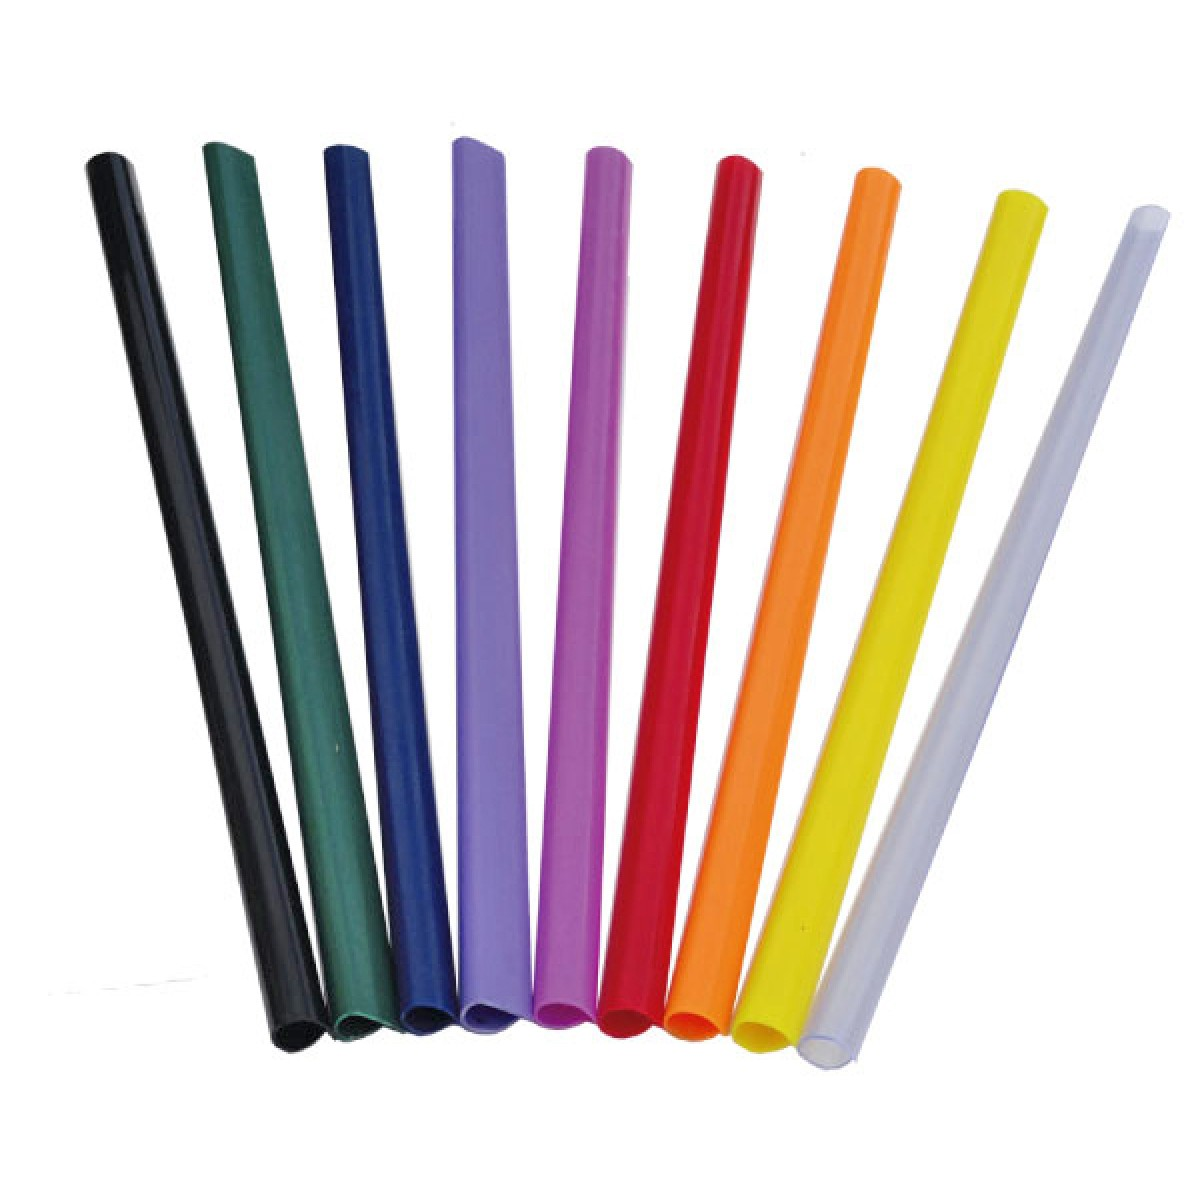 Perfiles plasticos tama o a4 - Perfiles de plastico ...